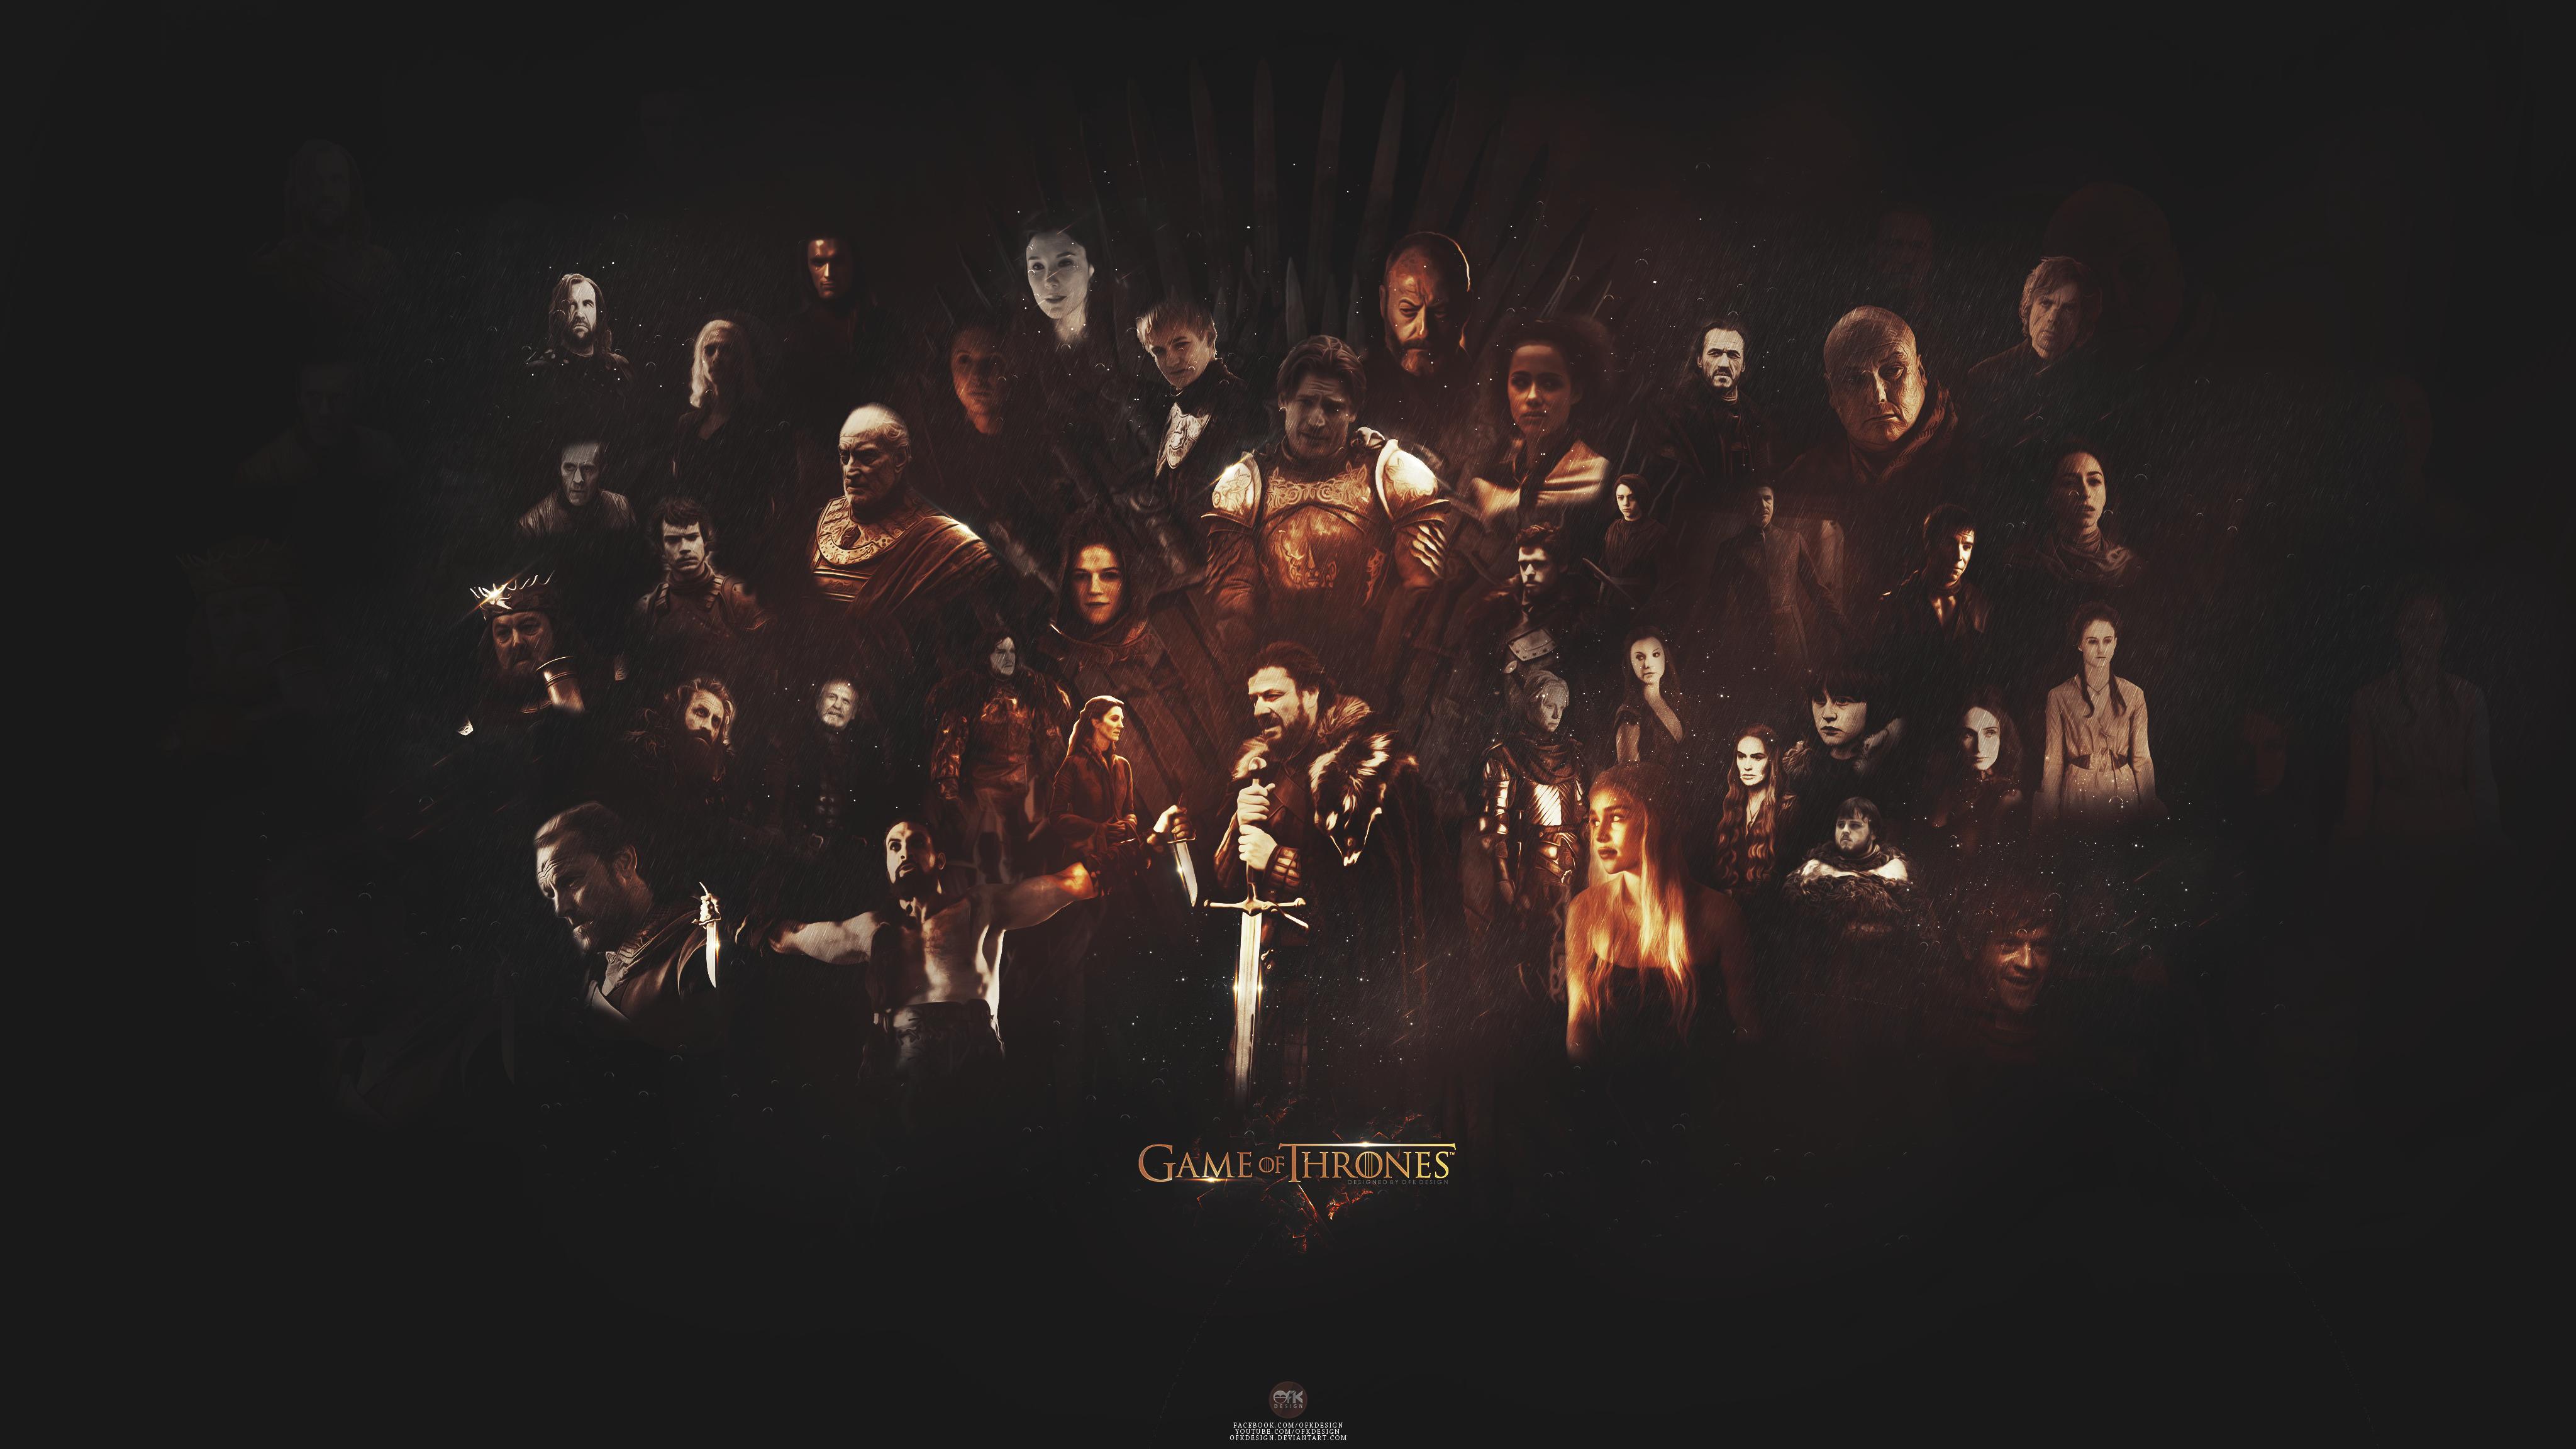 Game Wallpaper 4k Game Of Thrones Wallpaper Wallpapersafari